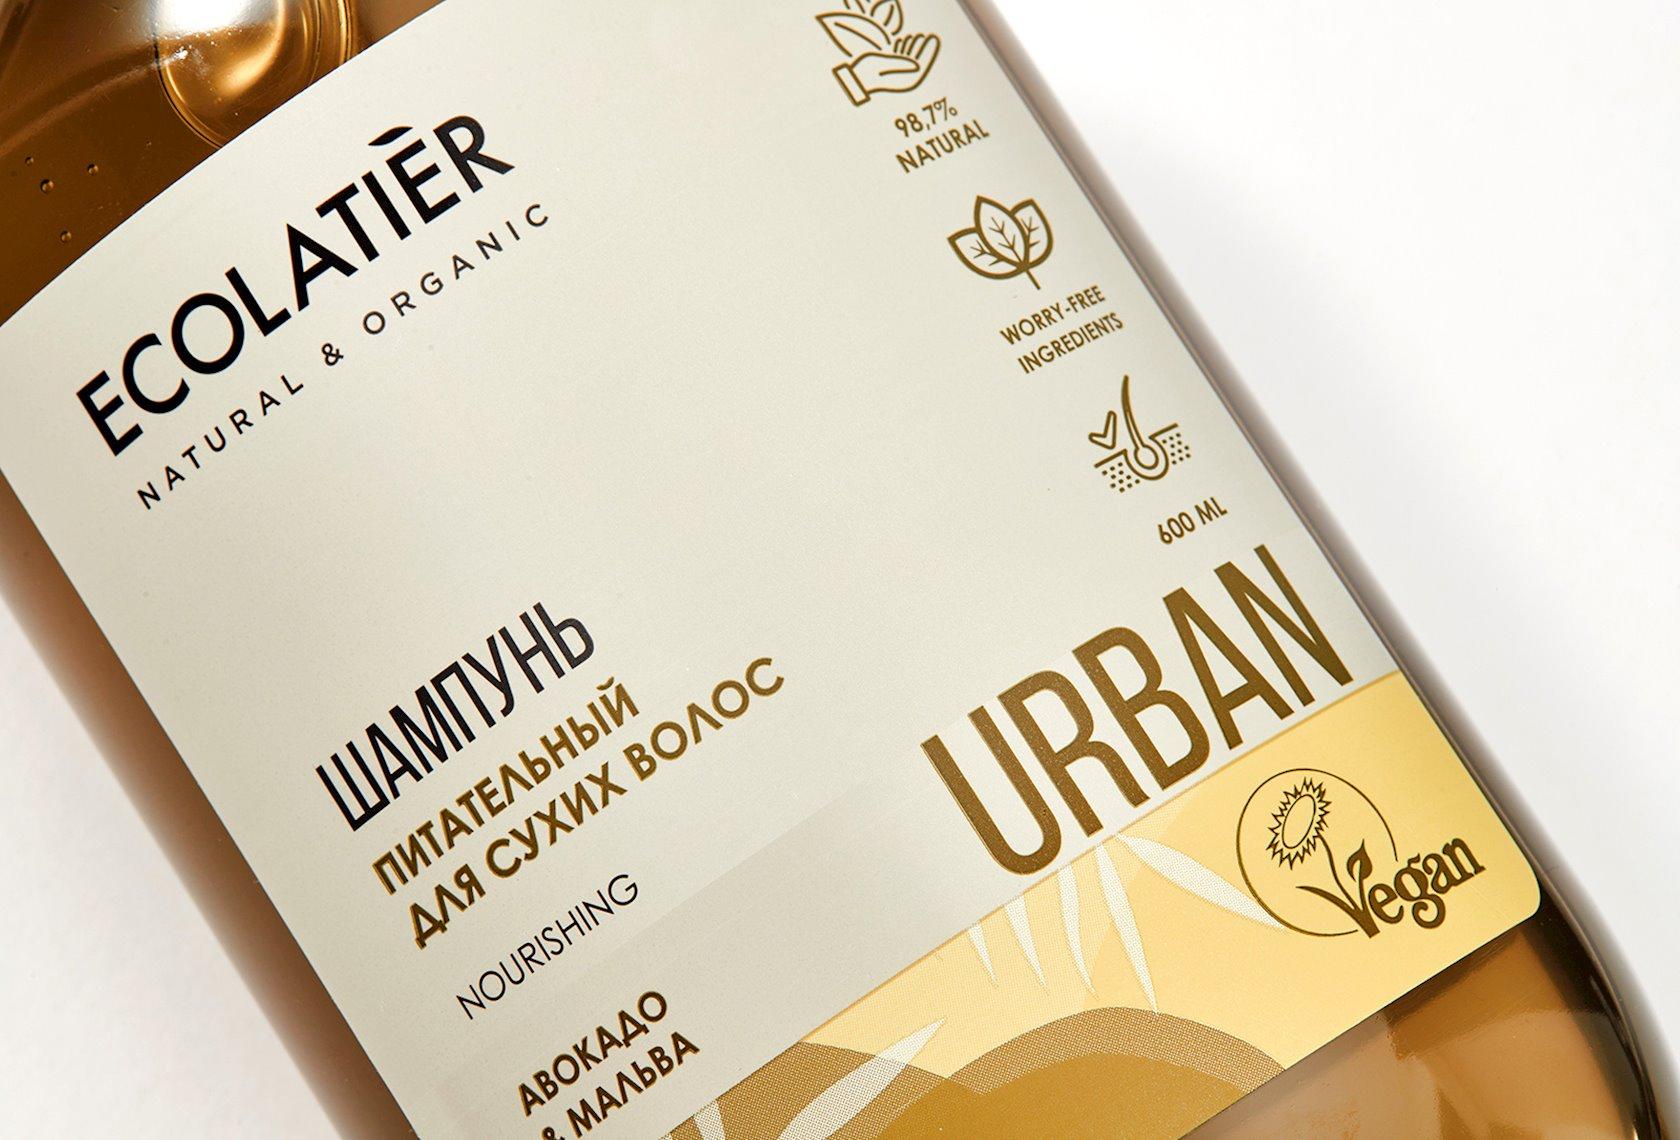 Şampun Ecolatier Qidalandırıcı Quru saçlar üçün Avokado & əməköməci 600 ml